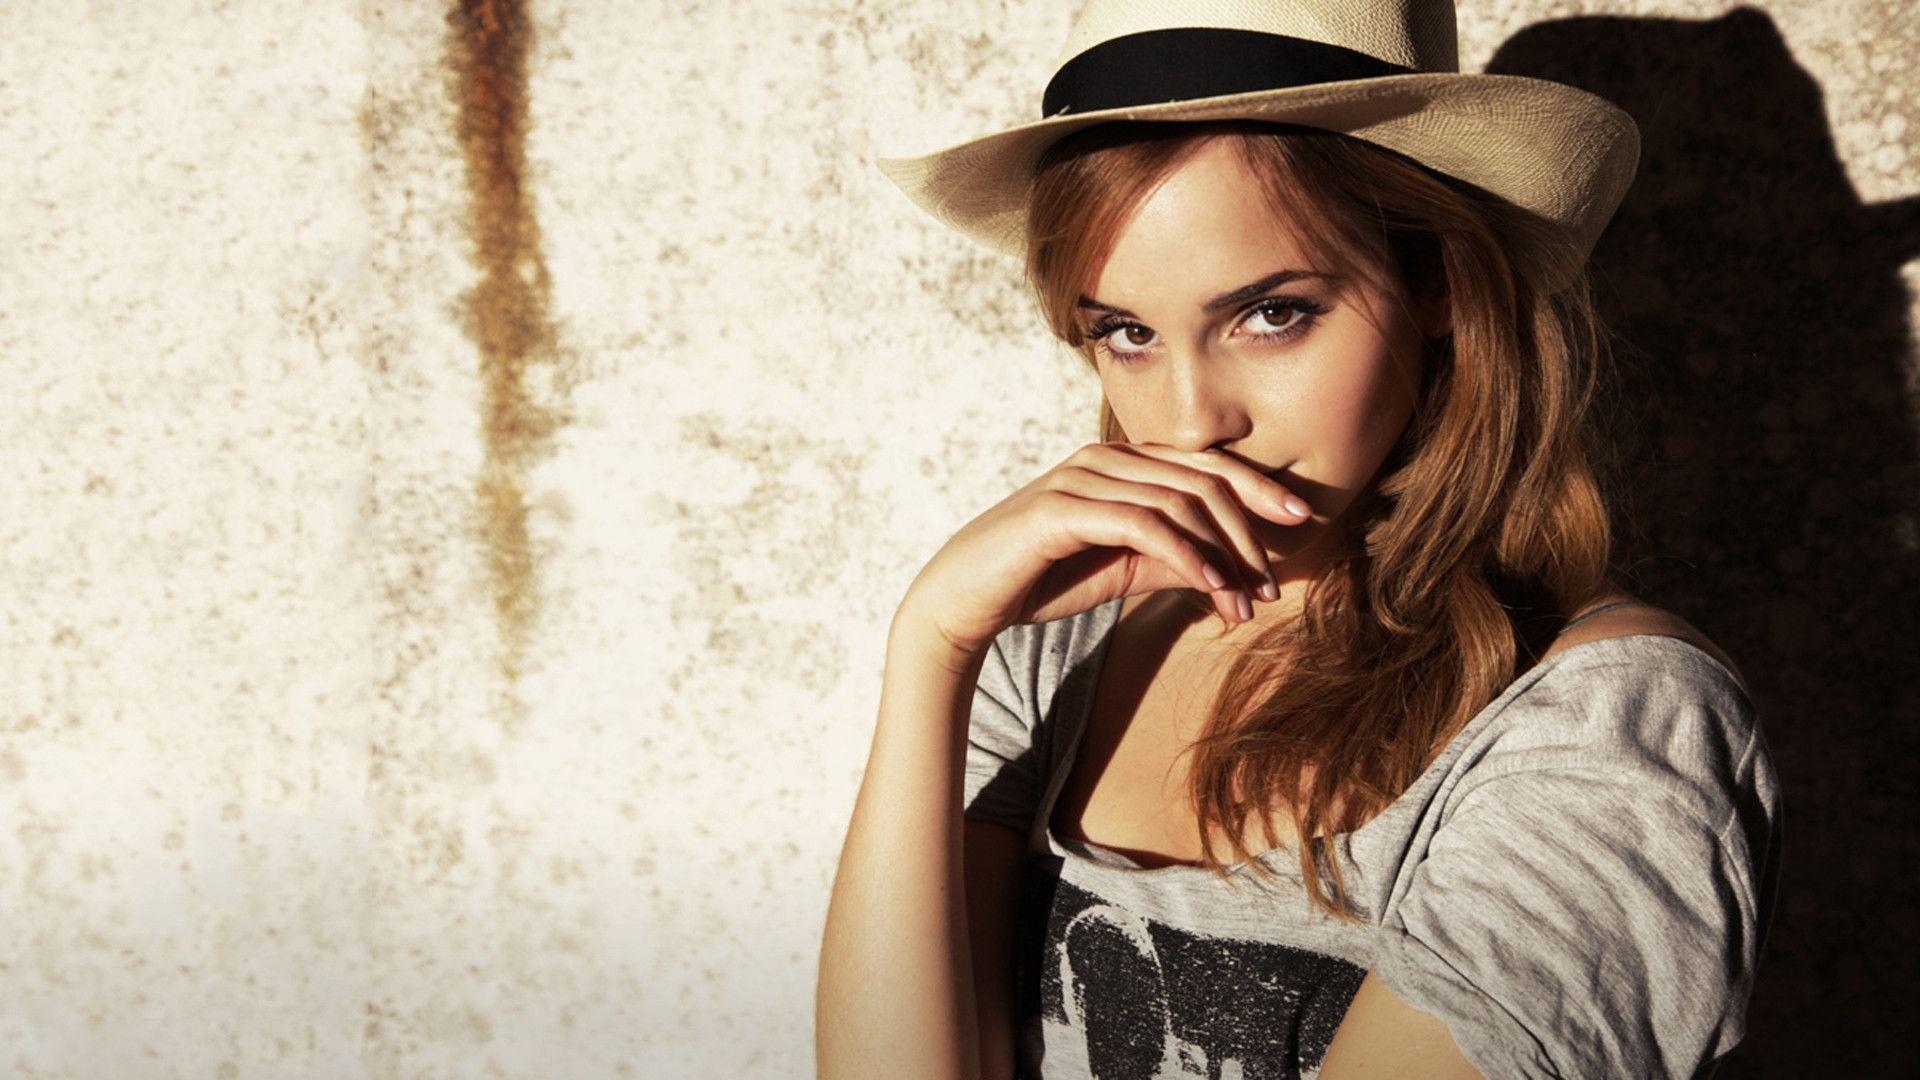 Hd wallpaper emma watson - Emma Watson Wallpapers Hd Wallpaper